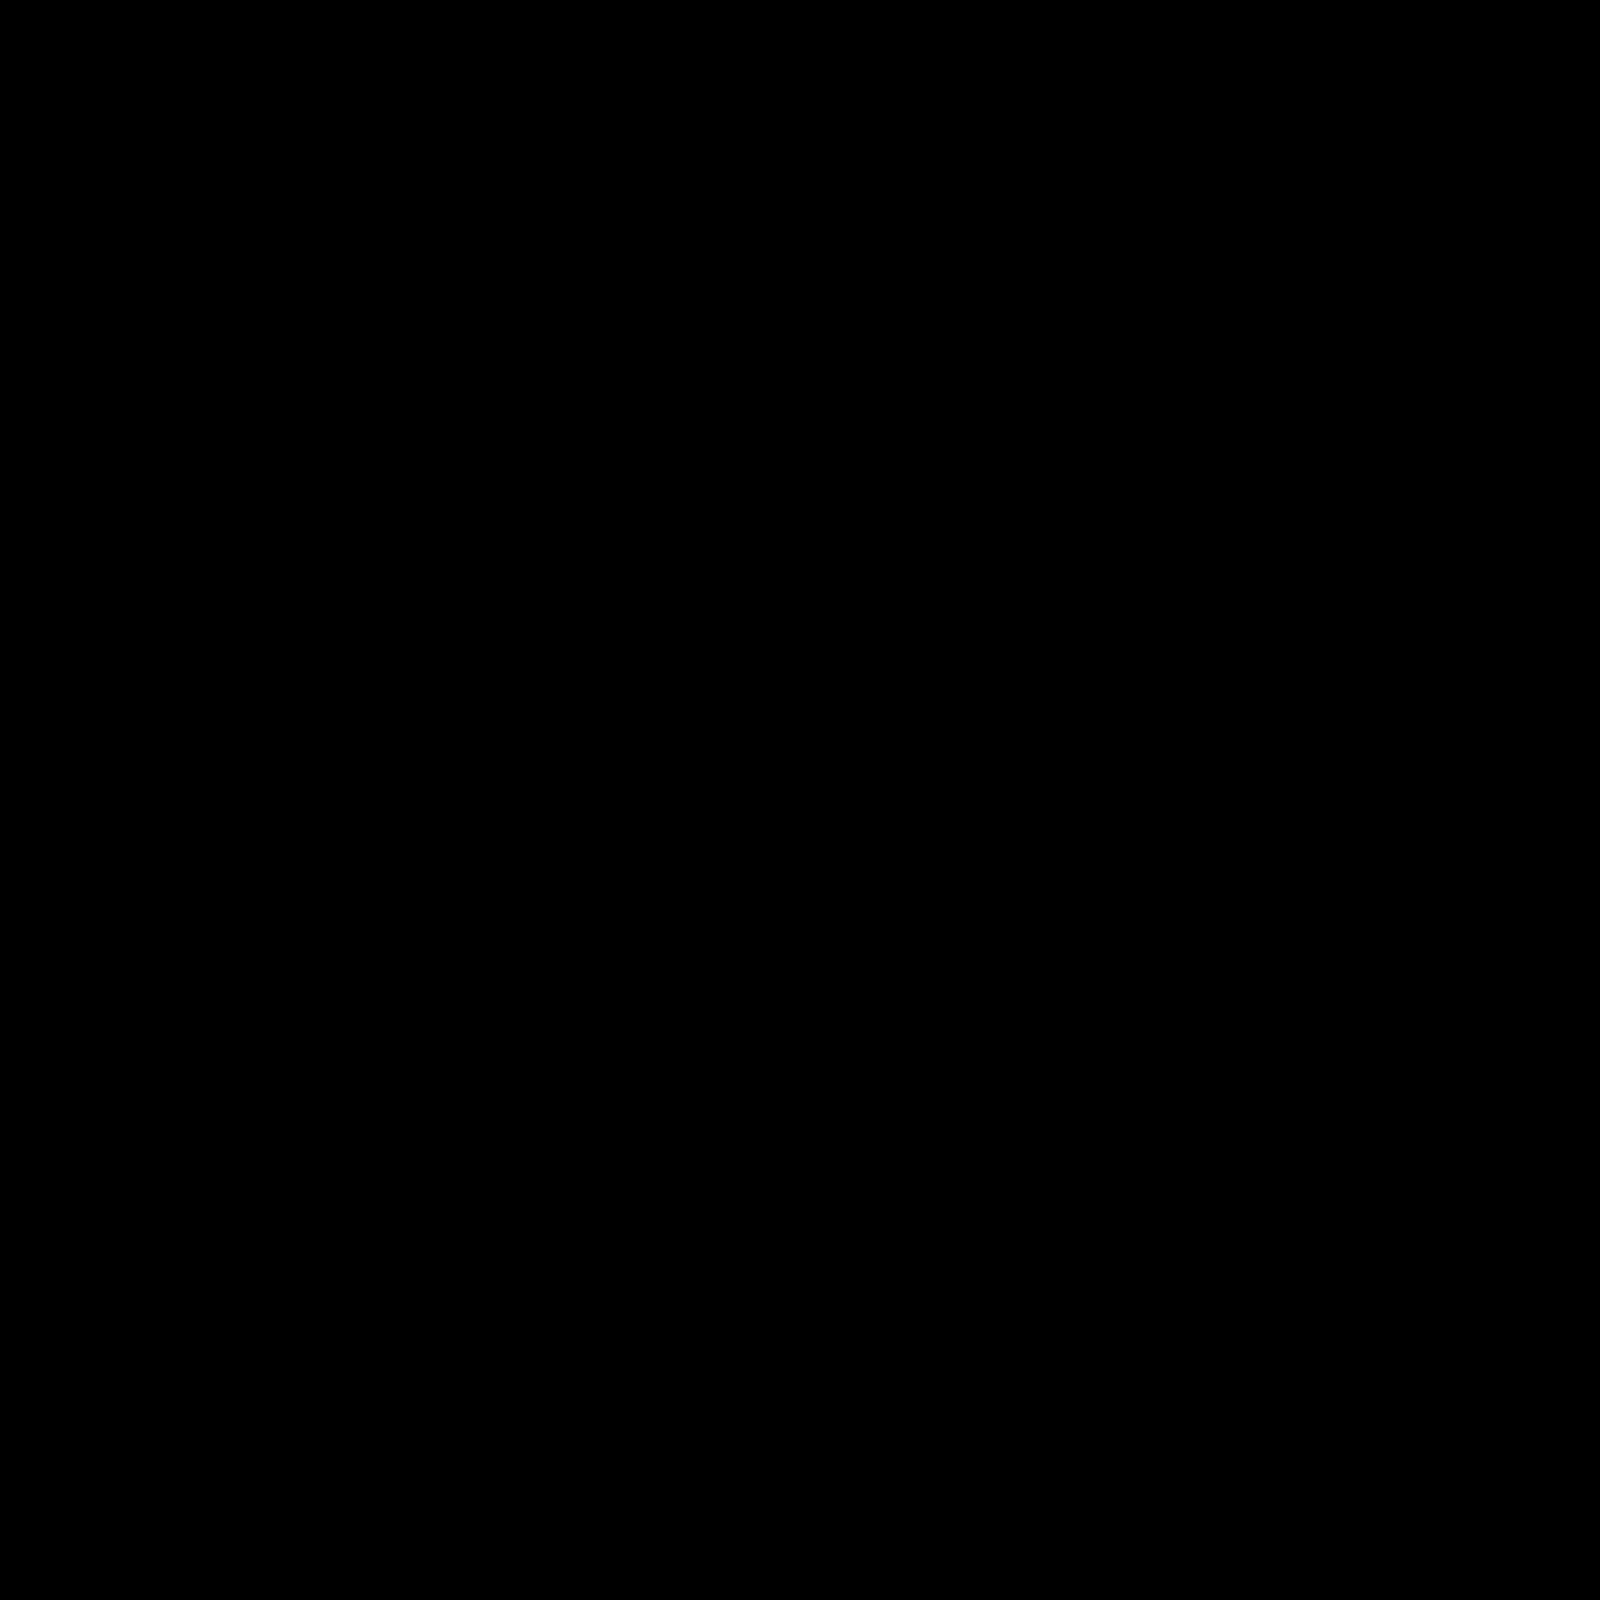 クラシックなテント icon